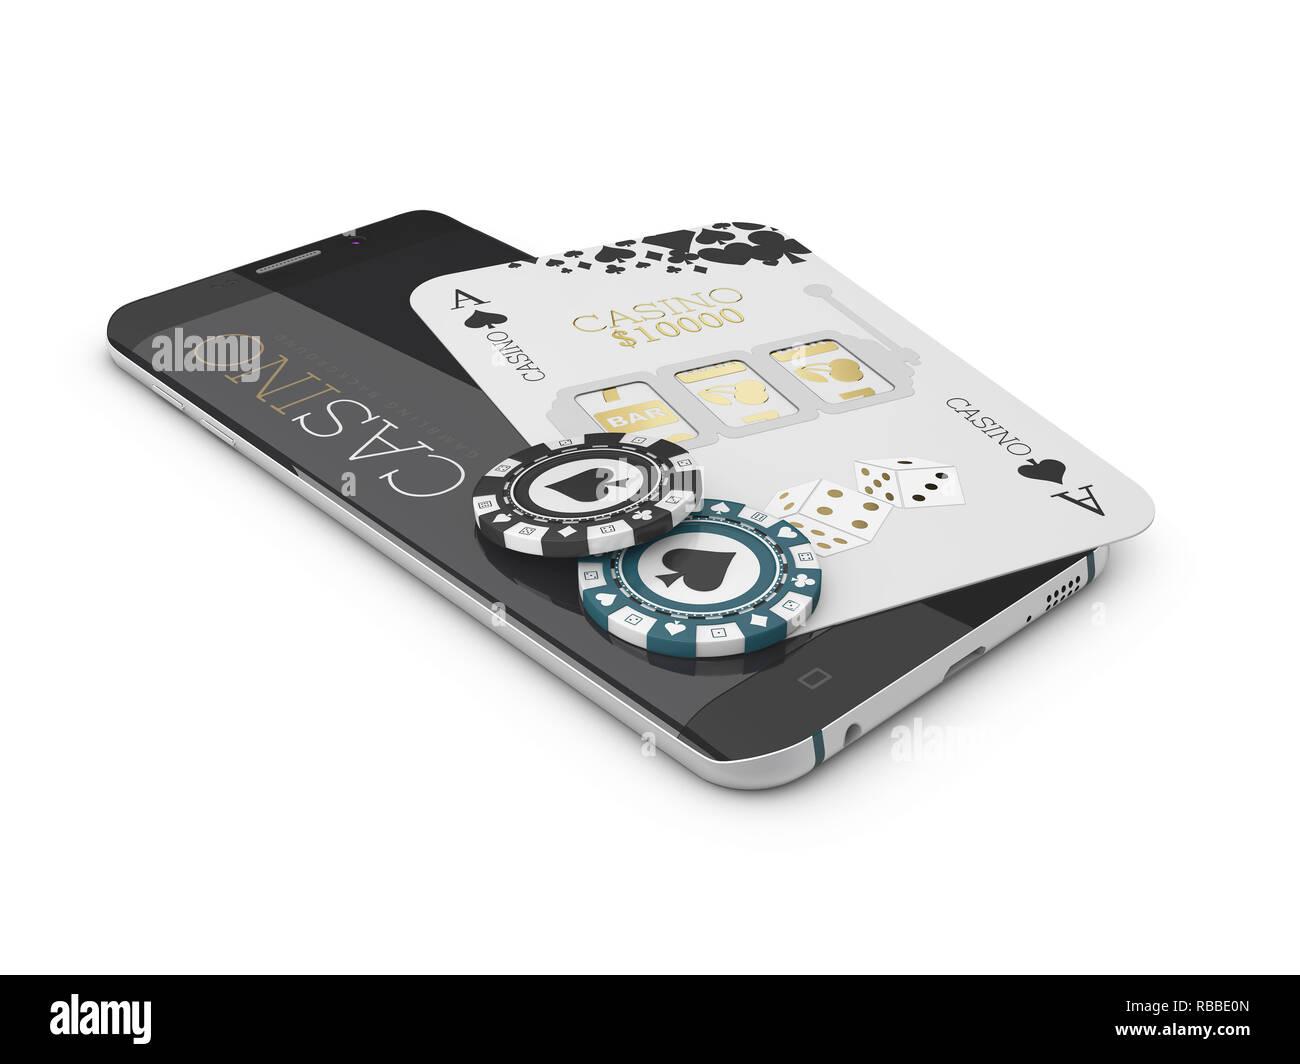 Best casino phone app